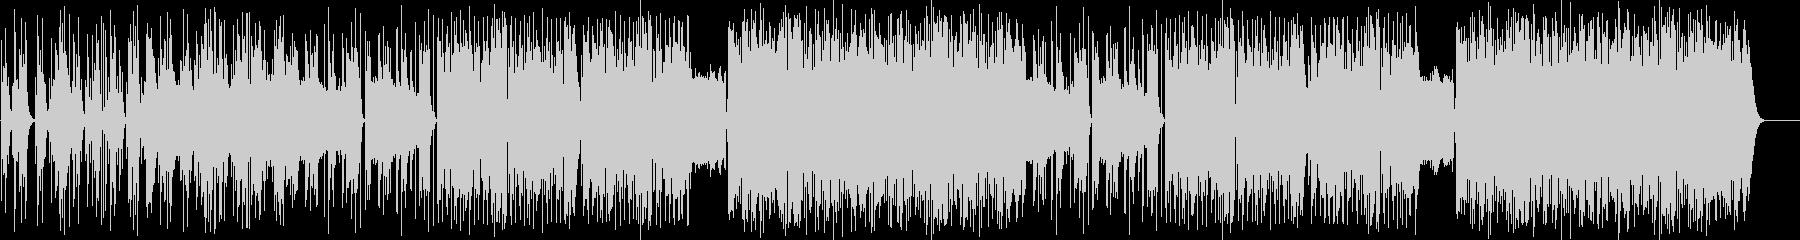 オーケストラ/ヒップホップ/動画向/#2の未再生の波形